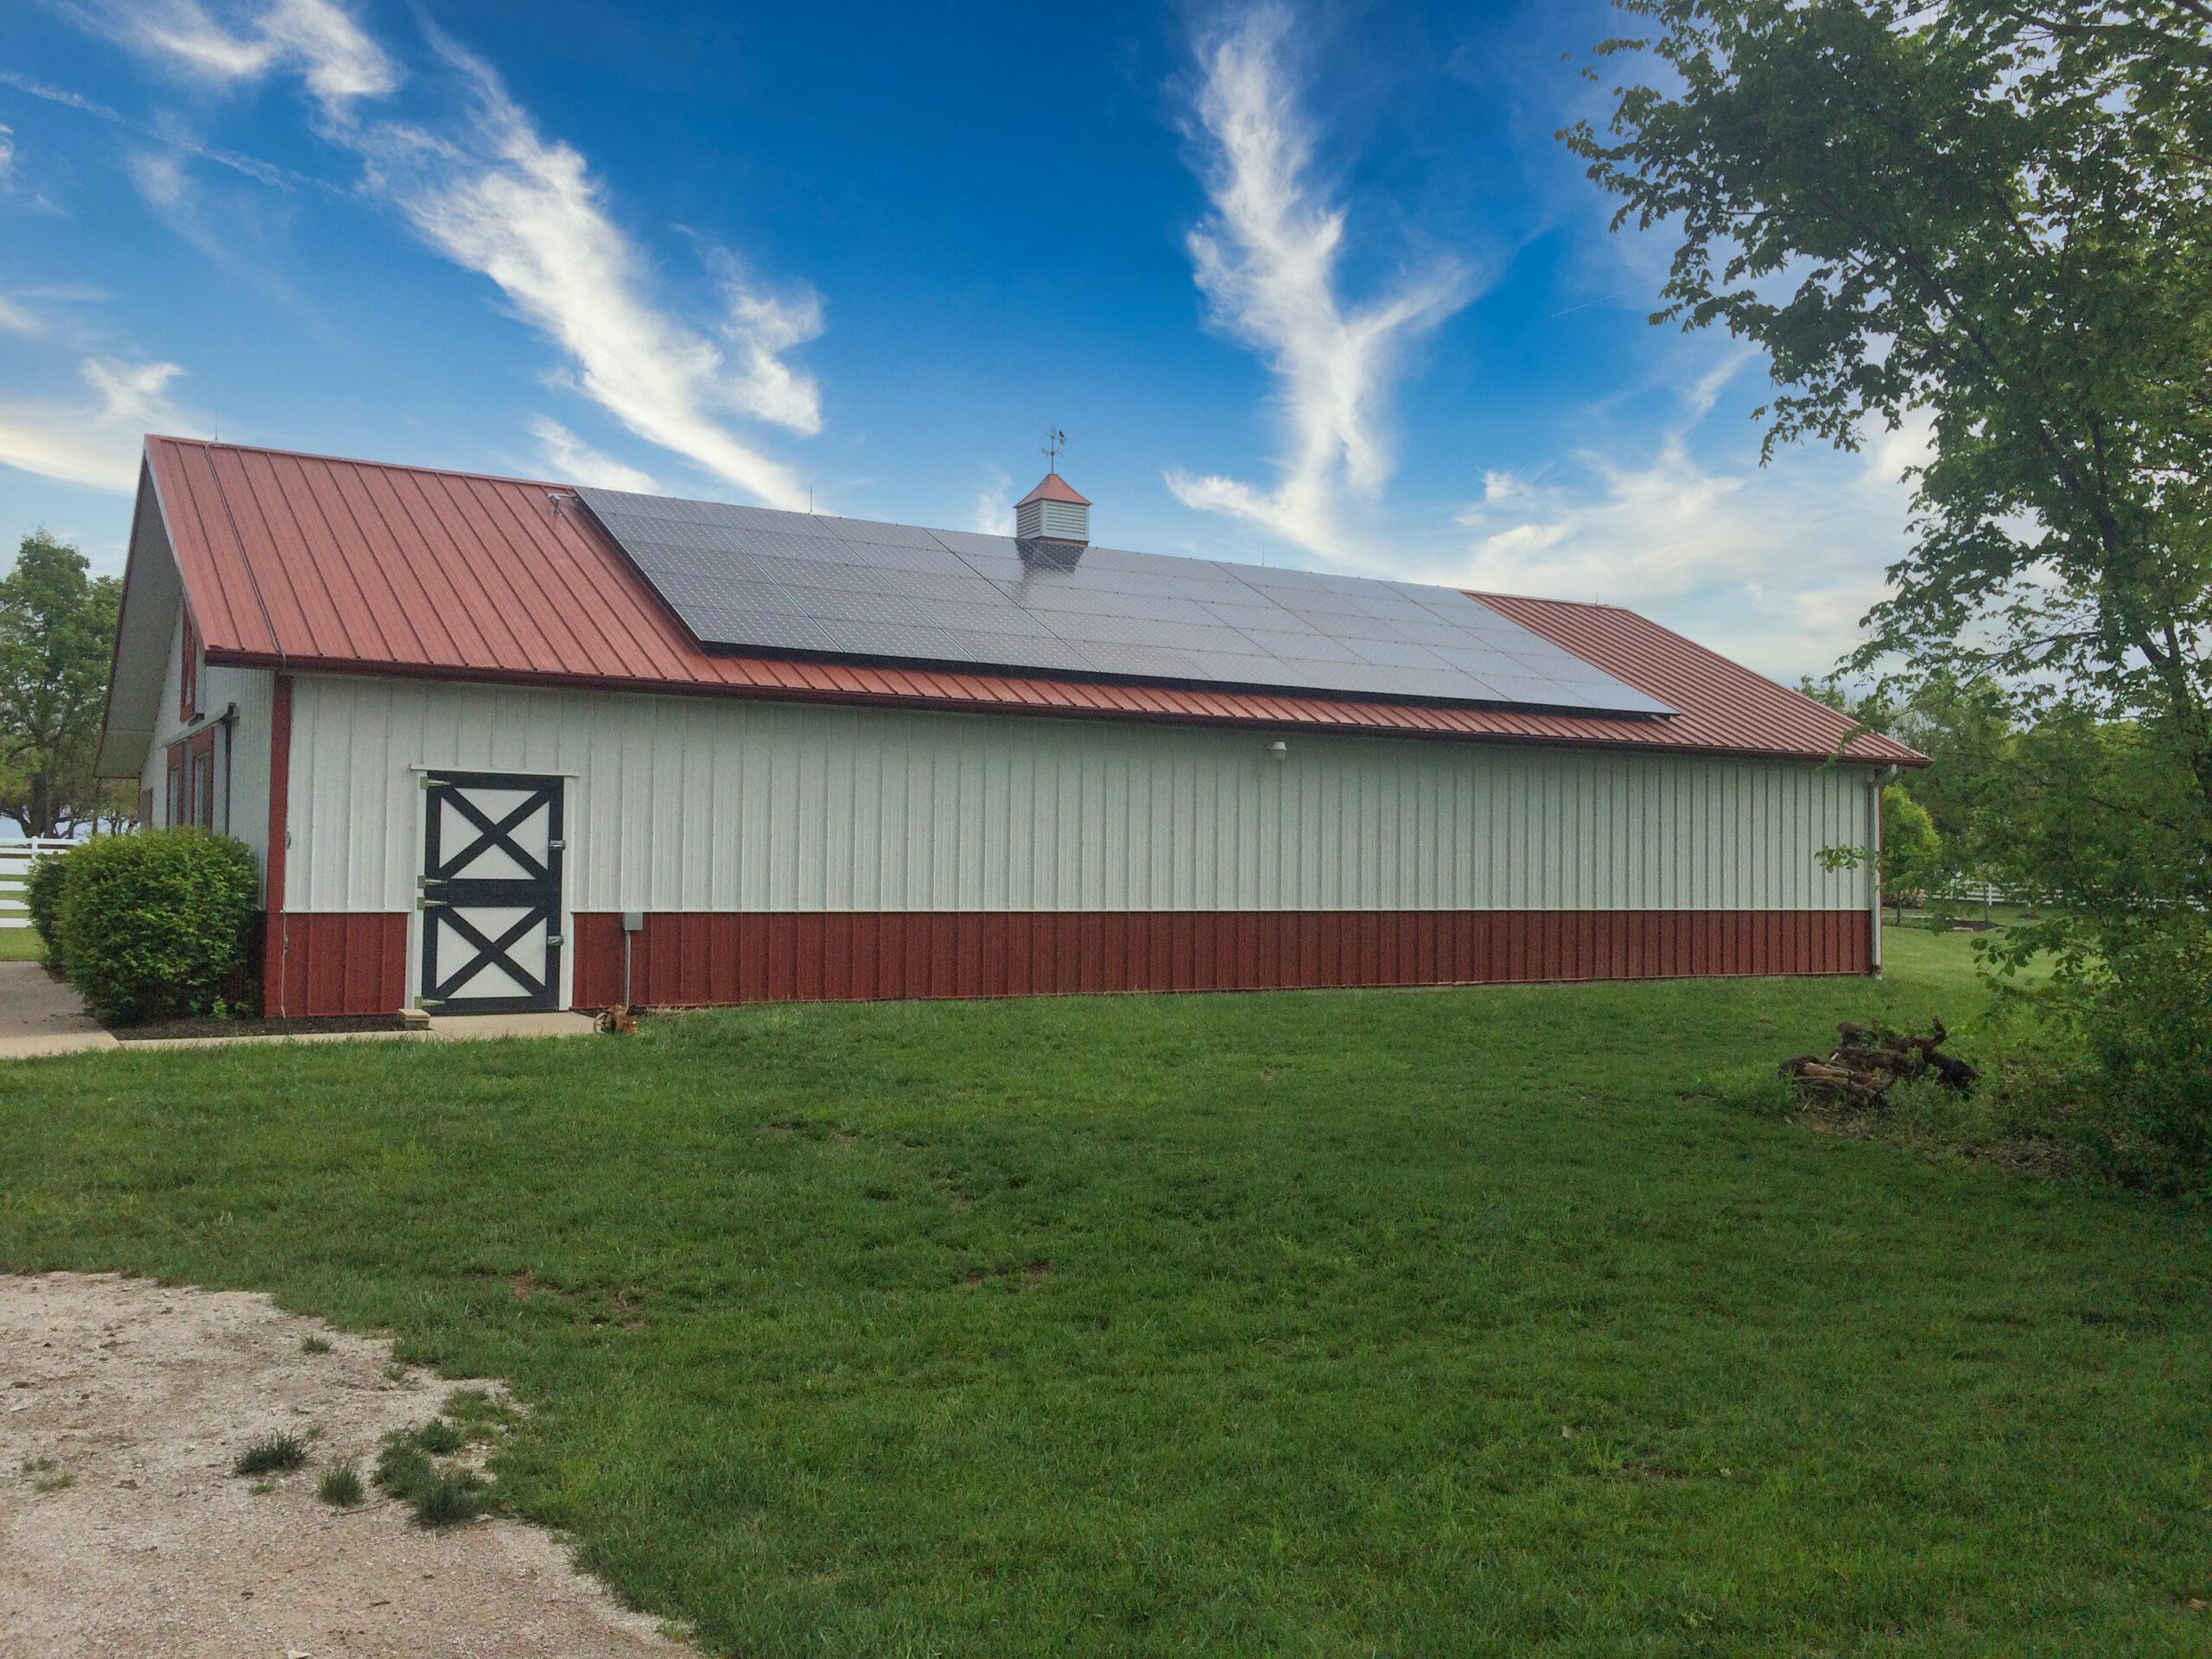 Kansas Barn Roof Solar